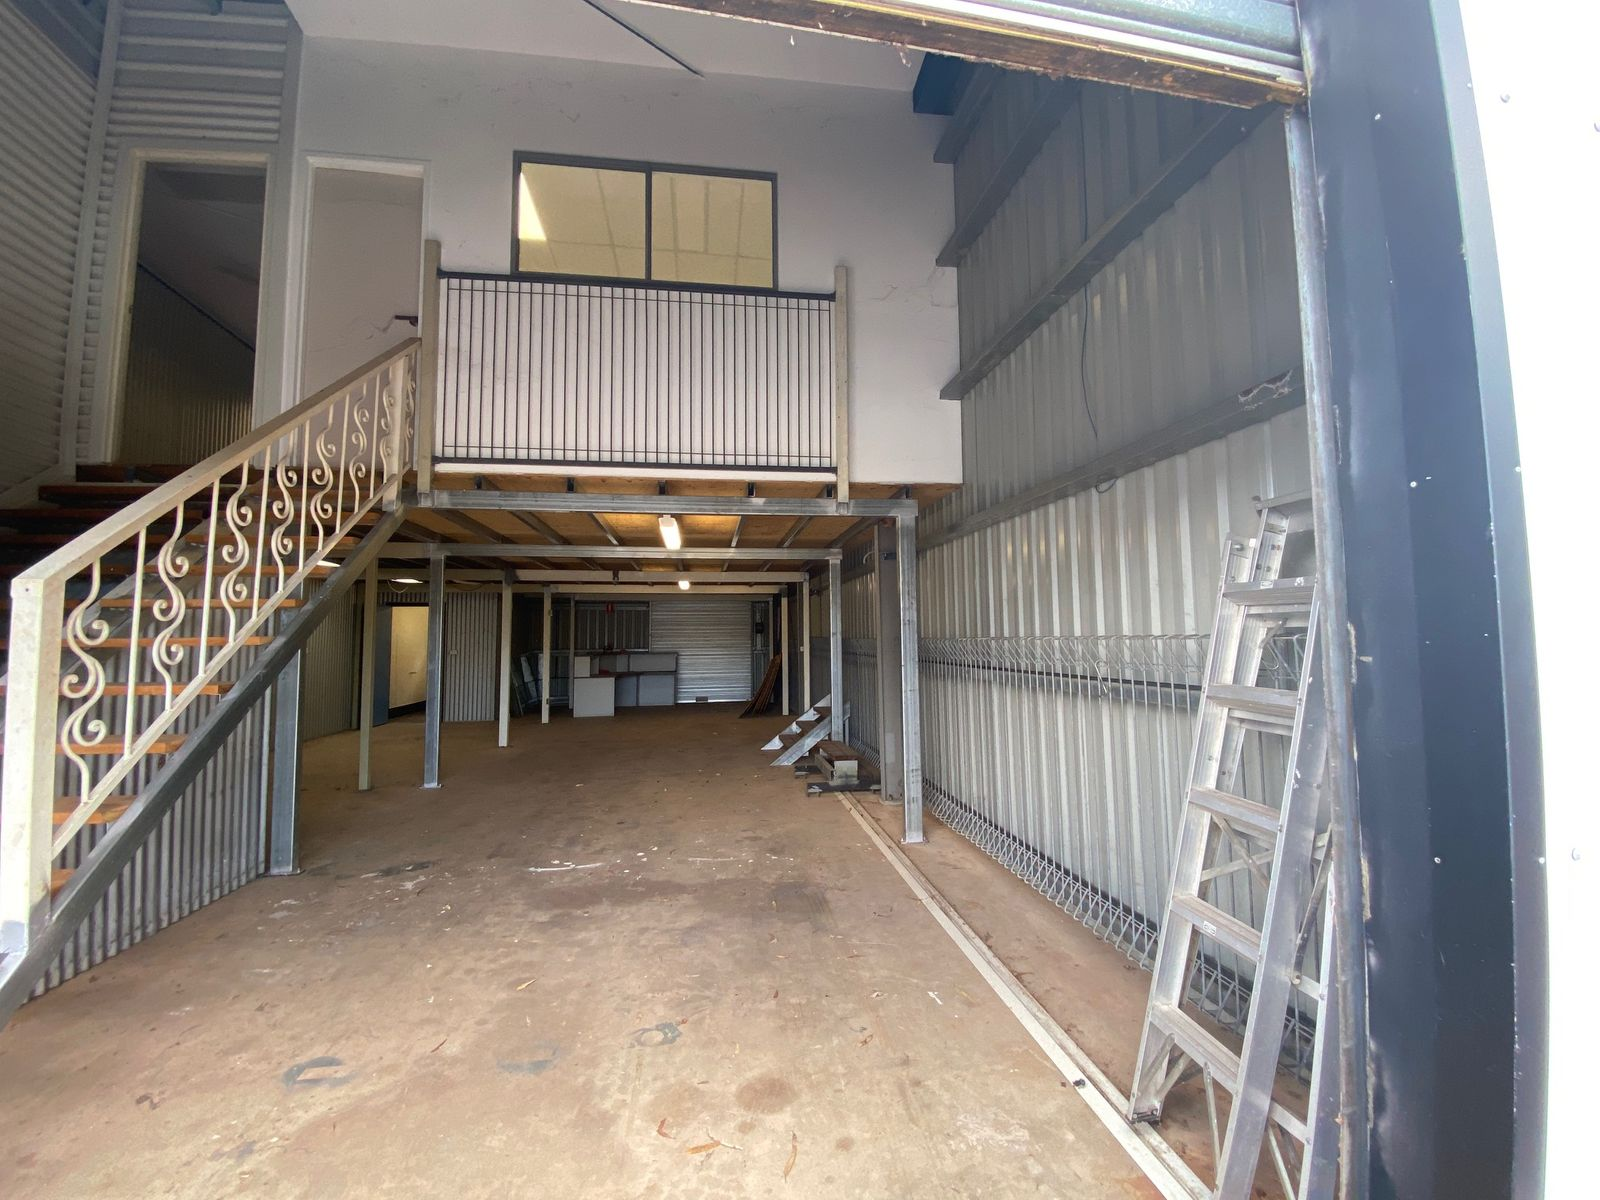 14/35 Marjorie Street, Pinelands, NT 0829